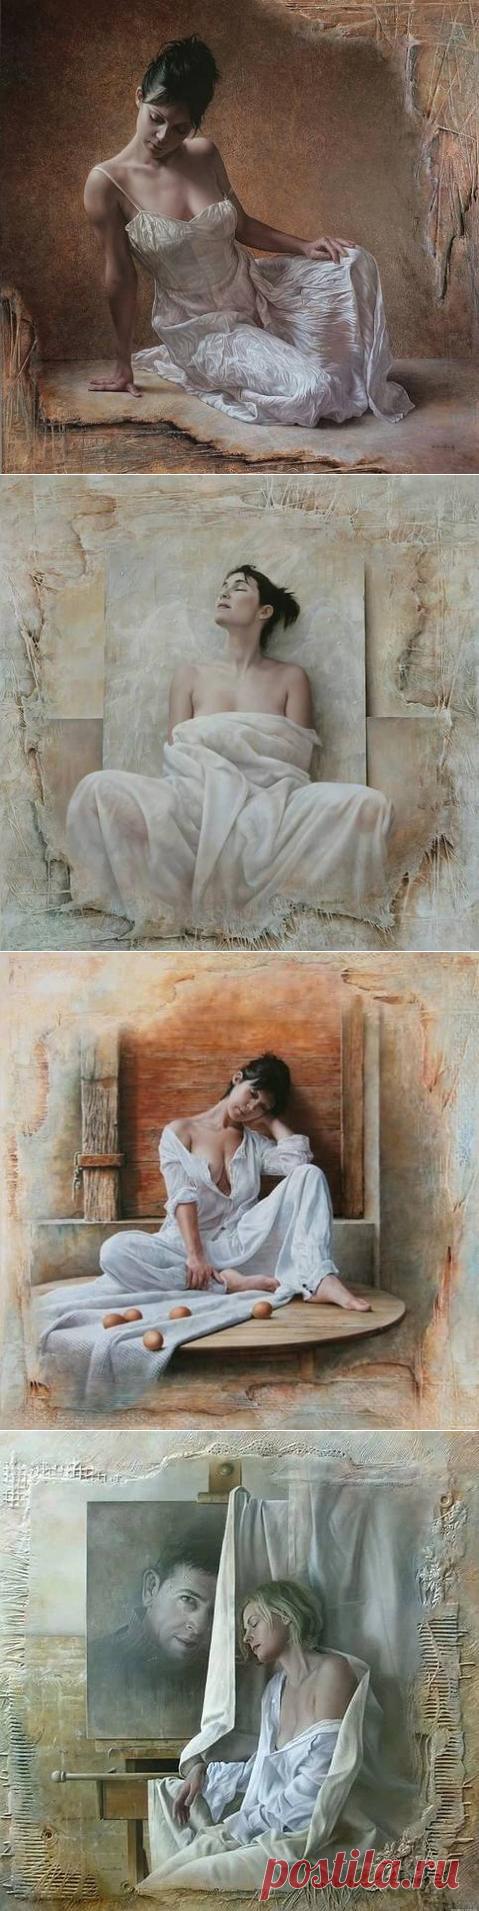 Женская красота в работах художника Pascal Chove .